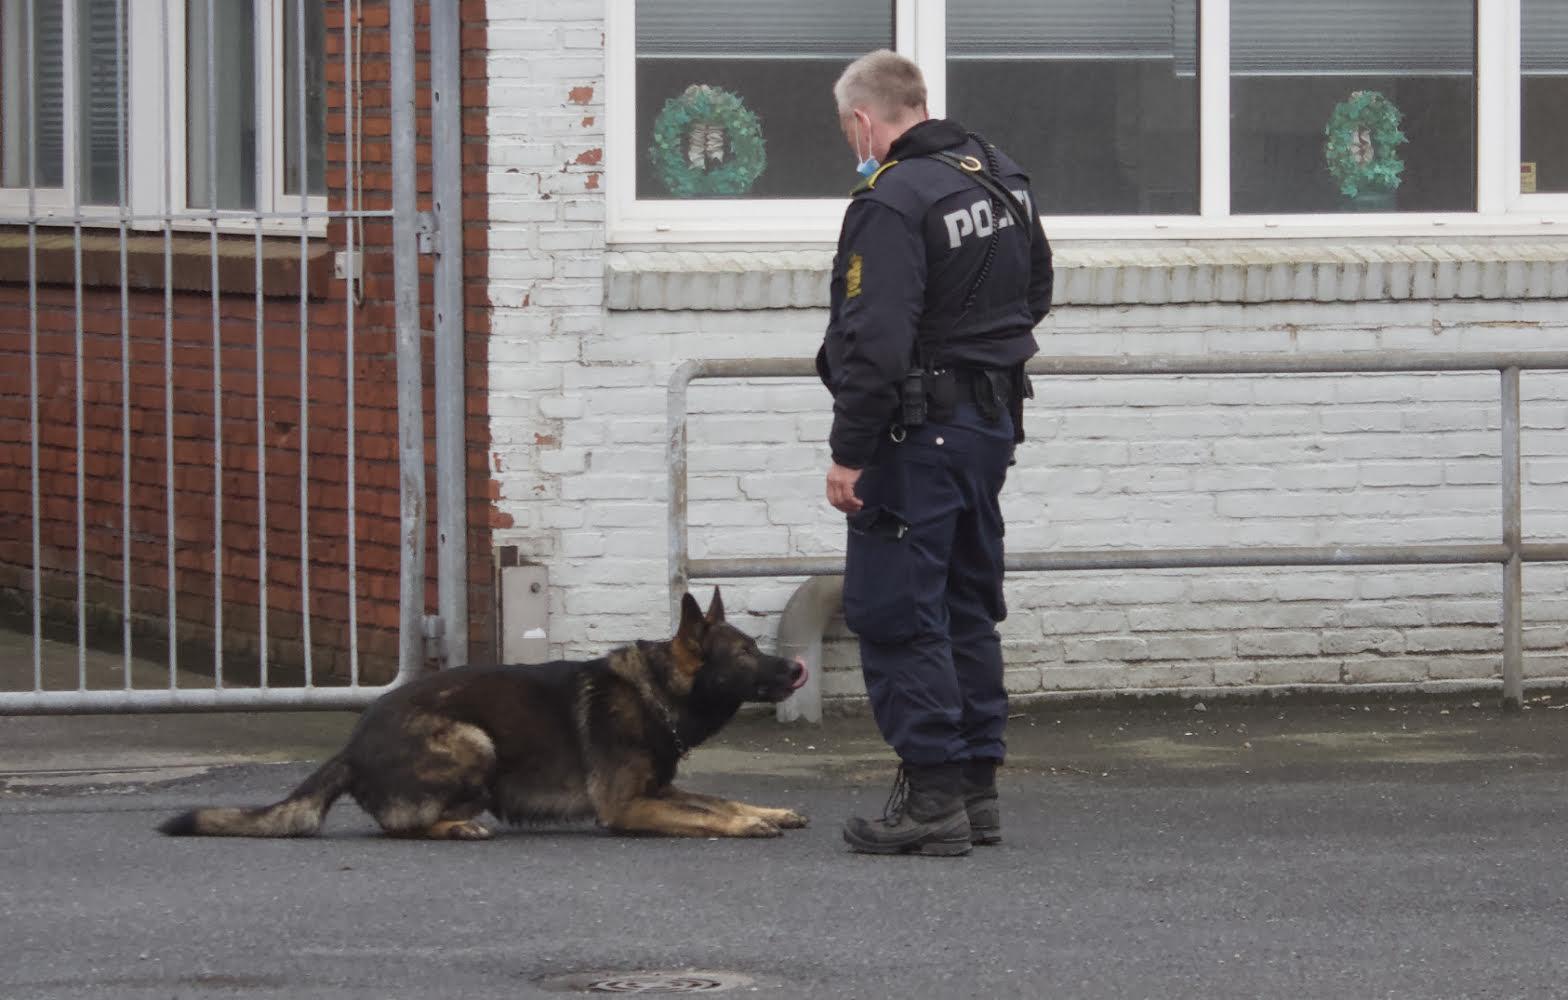 Politi øvelse på Esbjerg havn